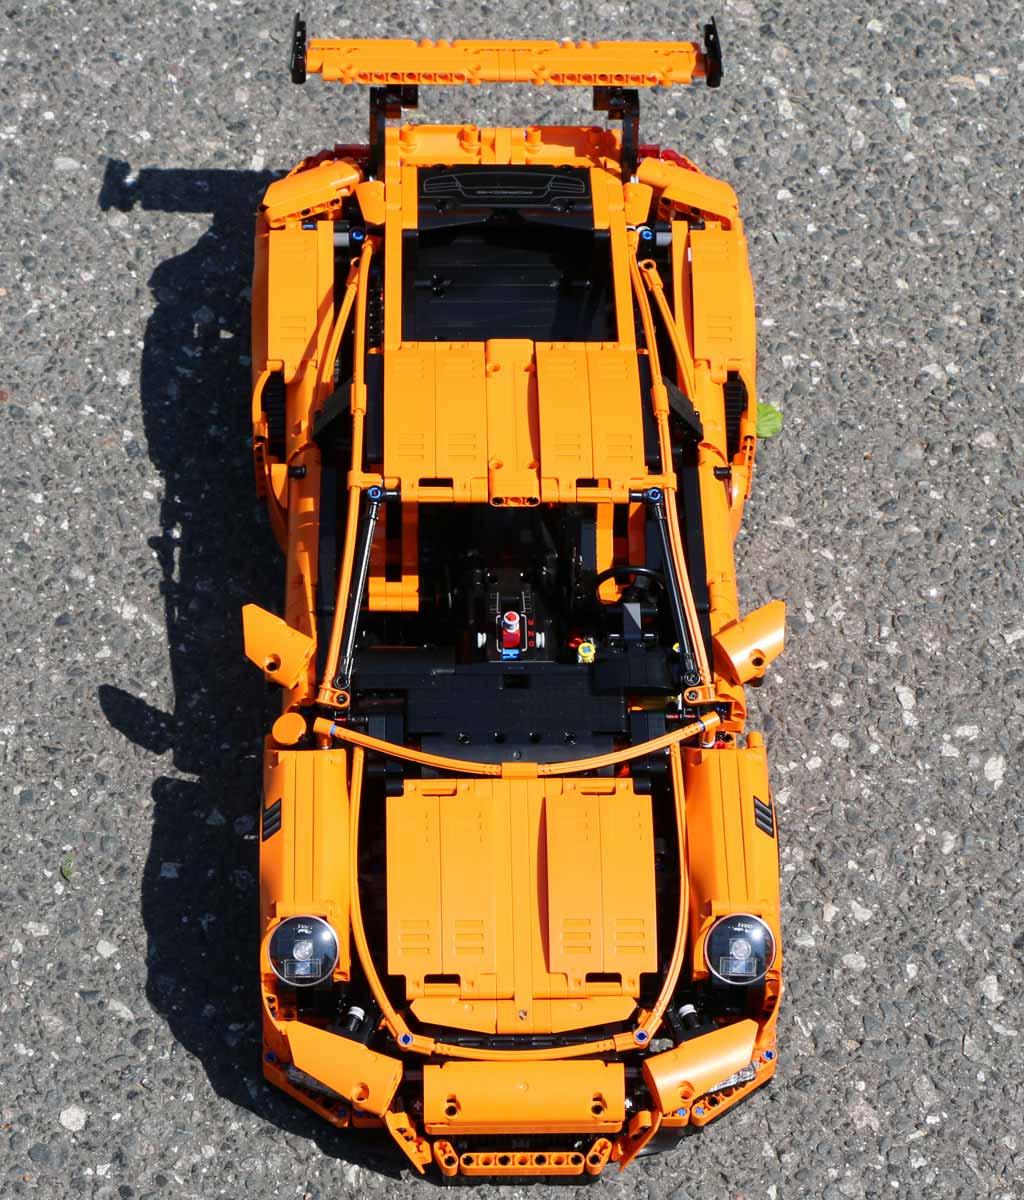 Der Porsche in voller Pracht. | © Andres Lehmann / zusammengebaut.com